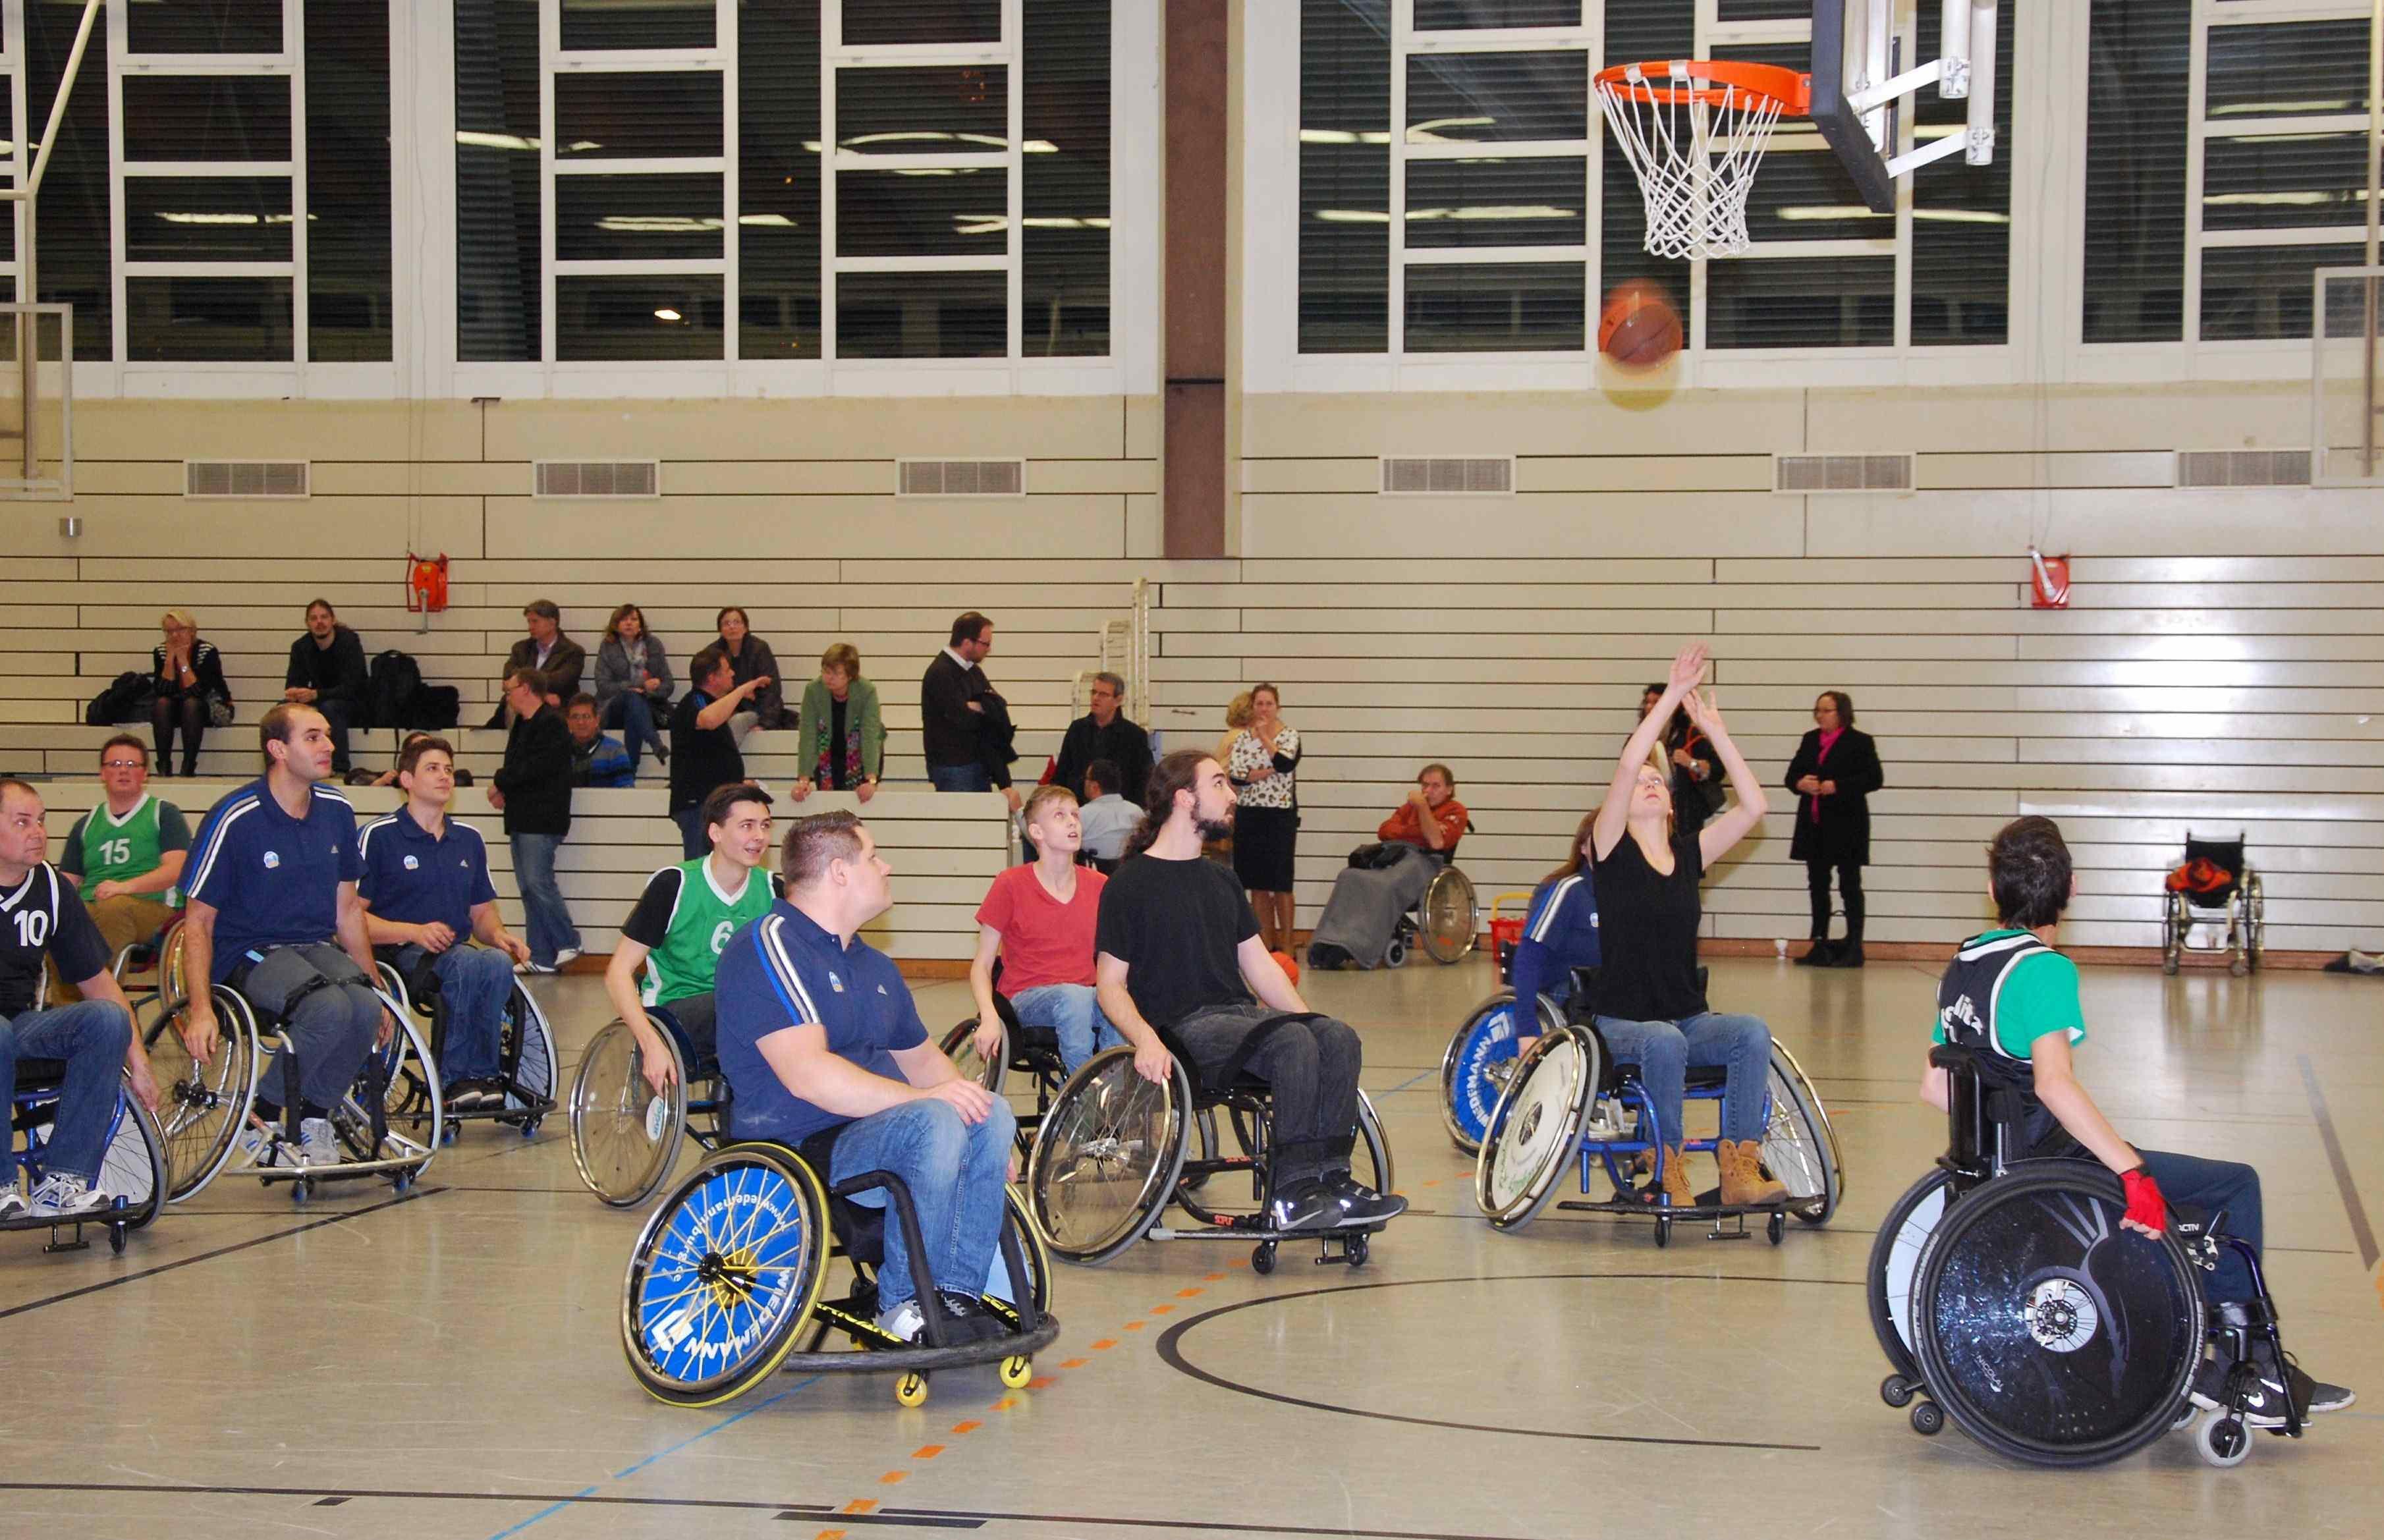 Bürgerstiftung Steglitz-Zehlendorf überreicht Basketball-Rollstuhl